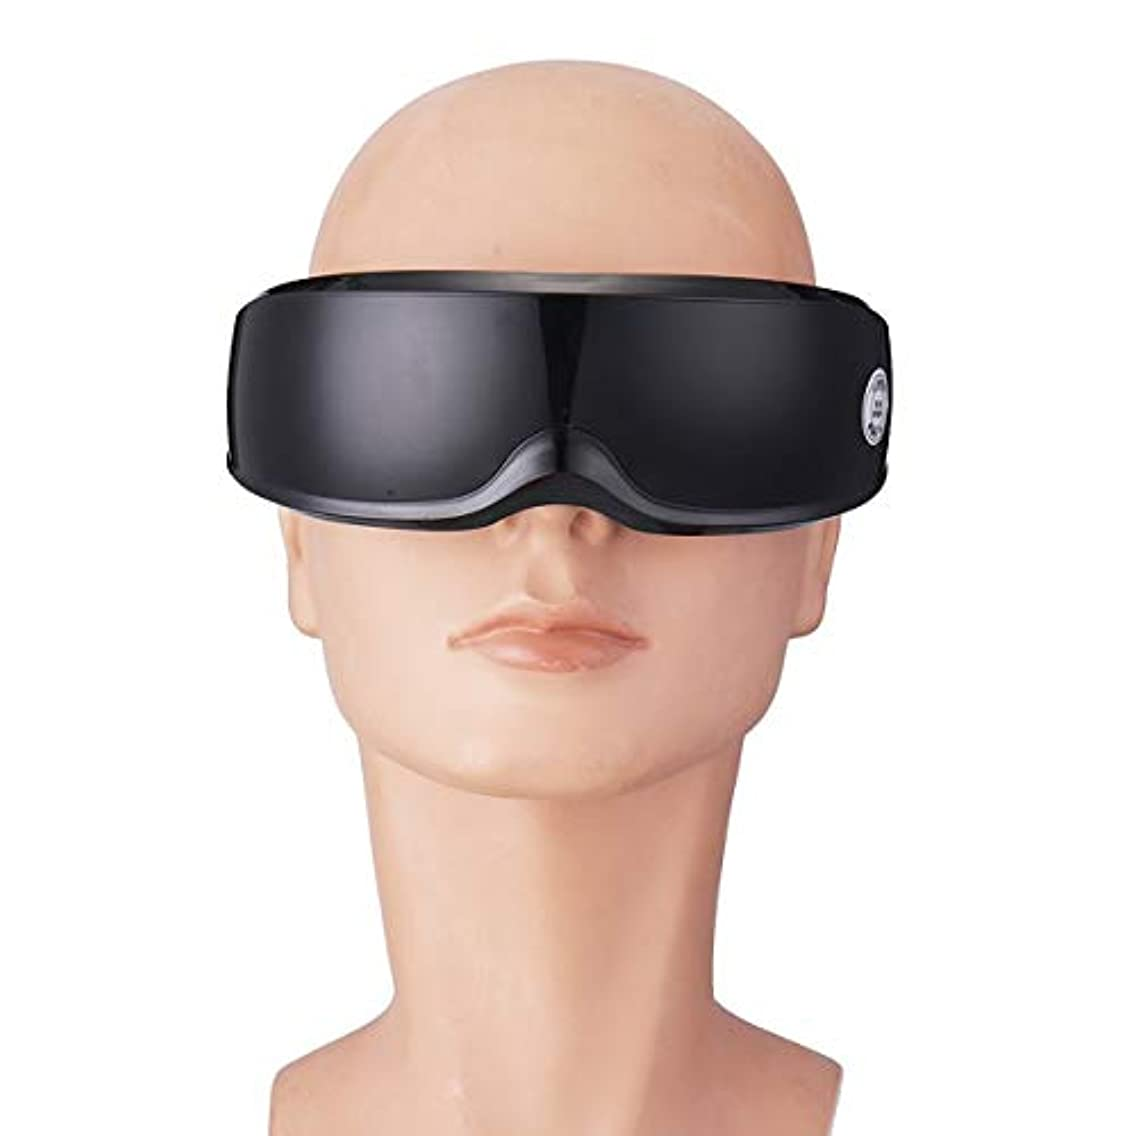 適合ポップ製造USB Charging Electric Eye Massager Heating Care Vibration Massage Stress Relief Relaxation Eyesight Recovery Eye...